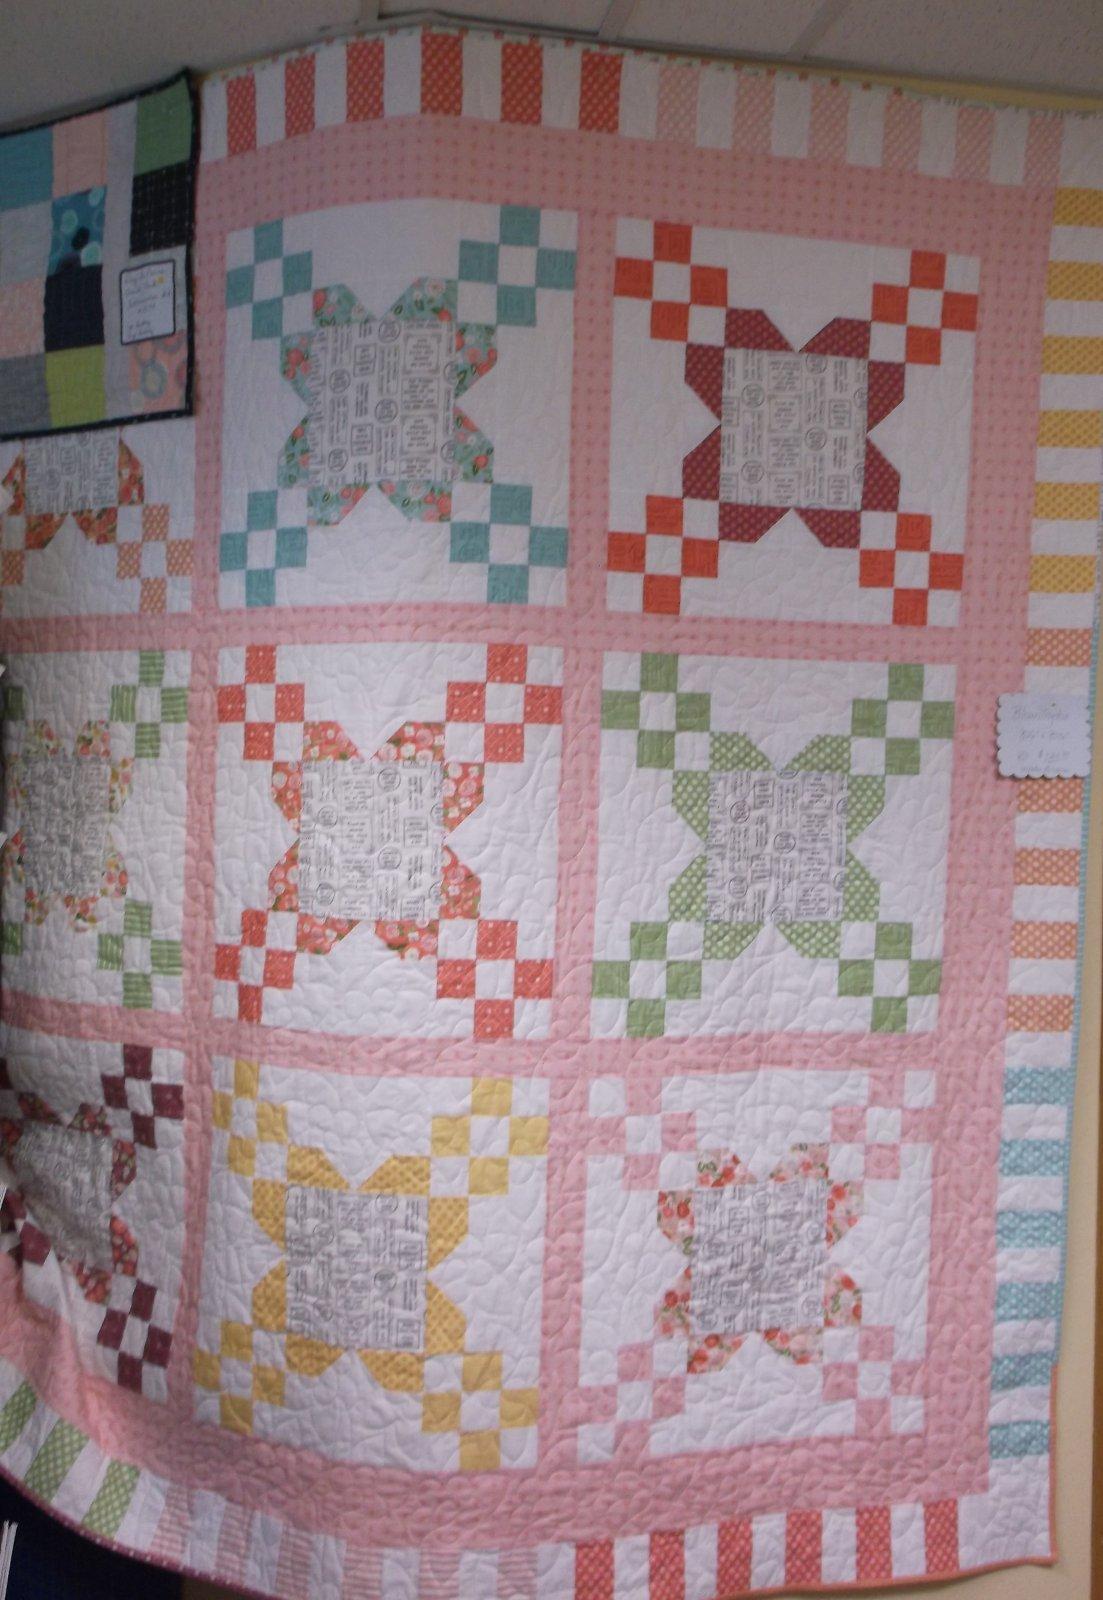 Bloomington quilt Kit Lollipop Garden